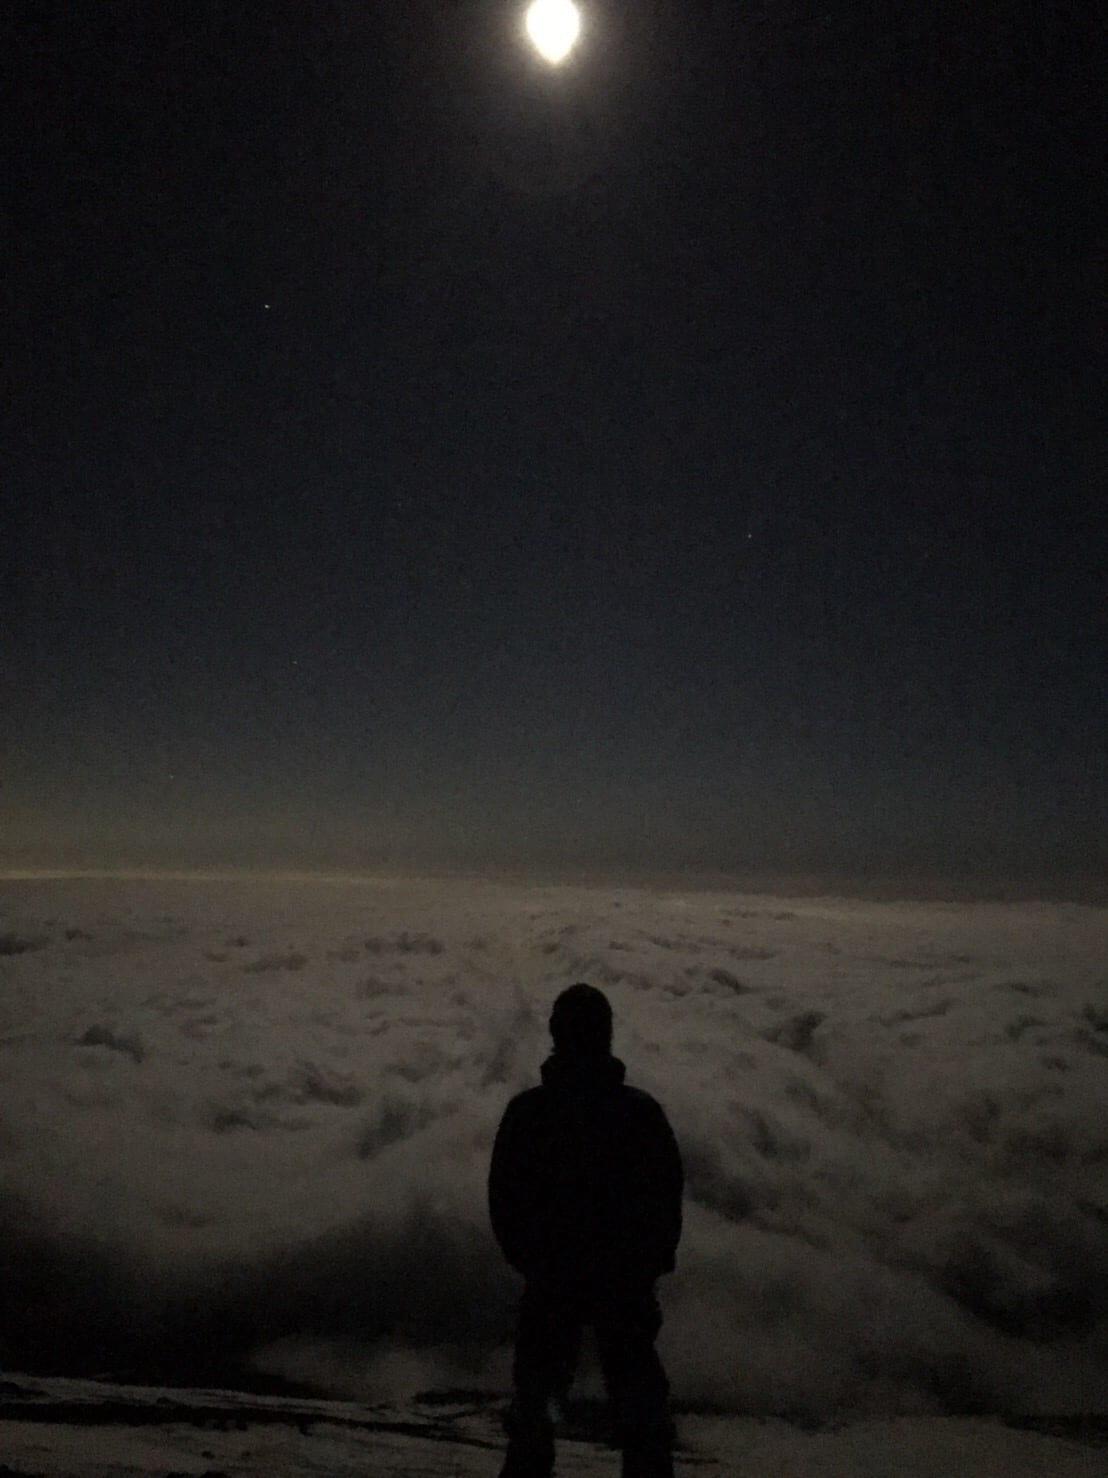 たとえ曇っていたとしても、雲の上では月が輝く